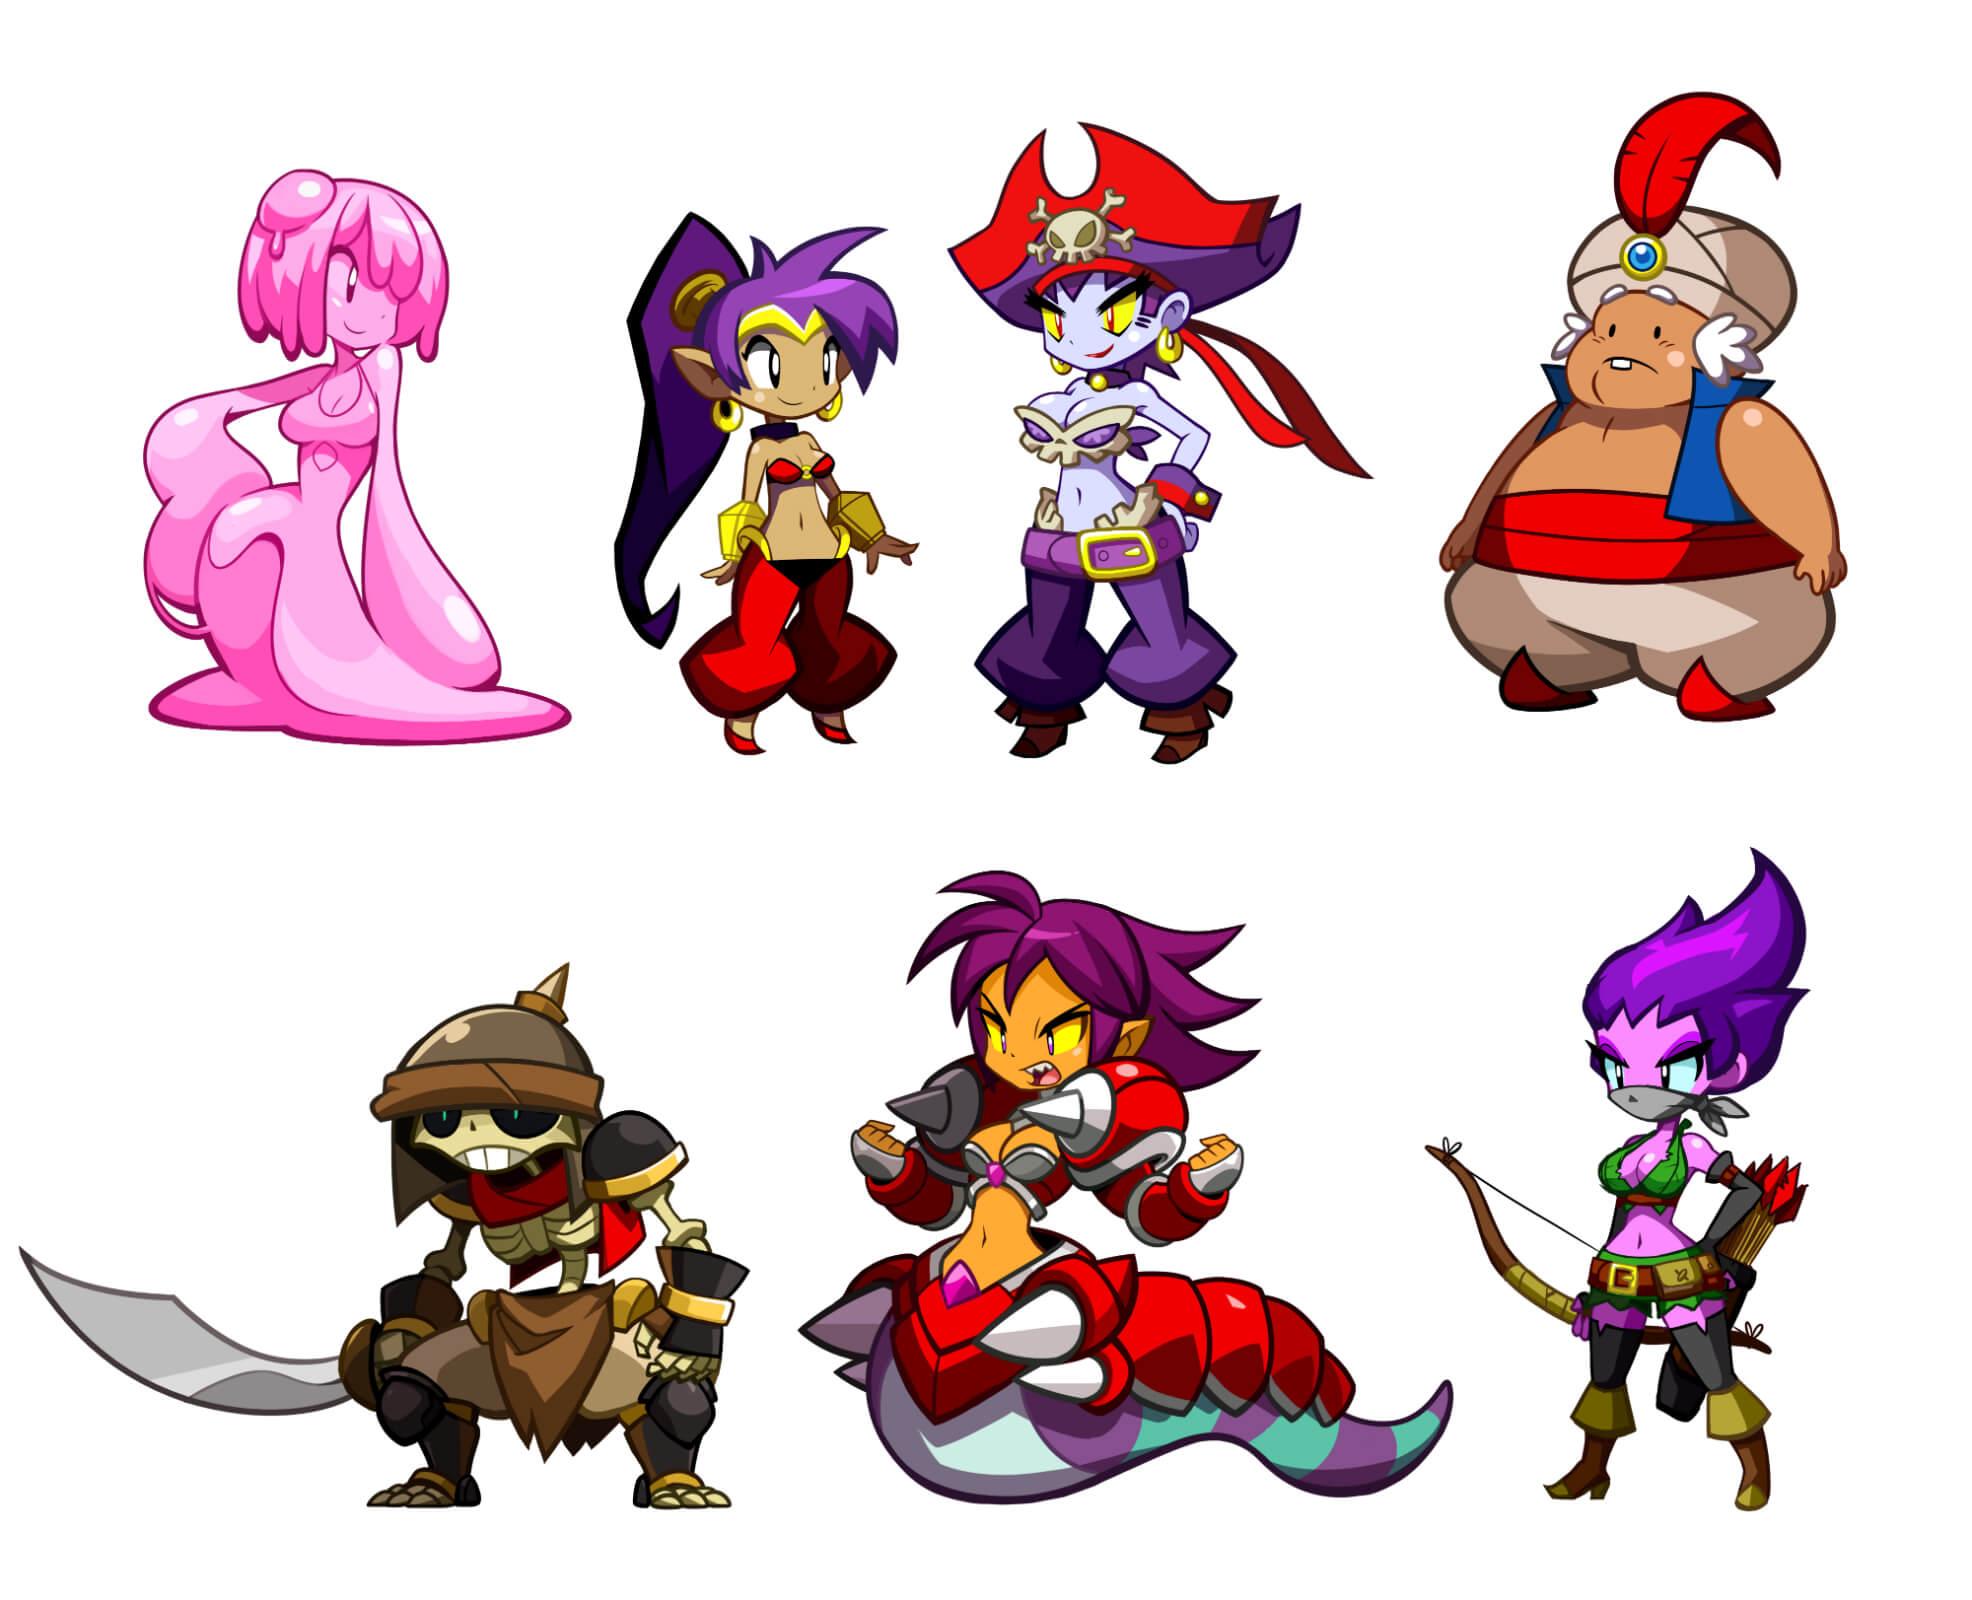 Shantae: Half-Genie Hero Character Art